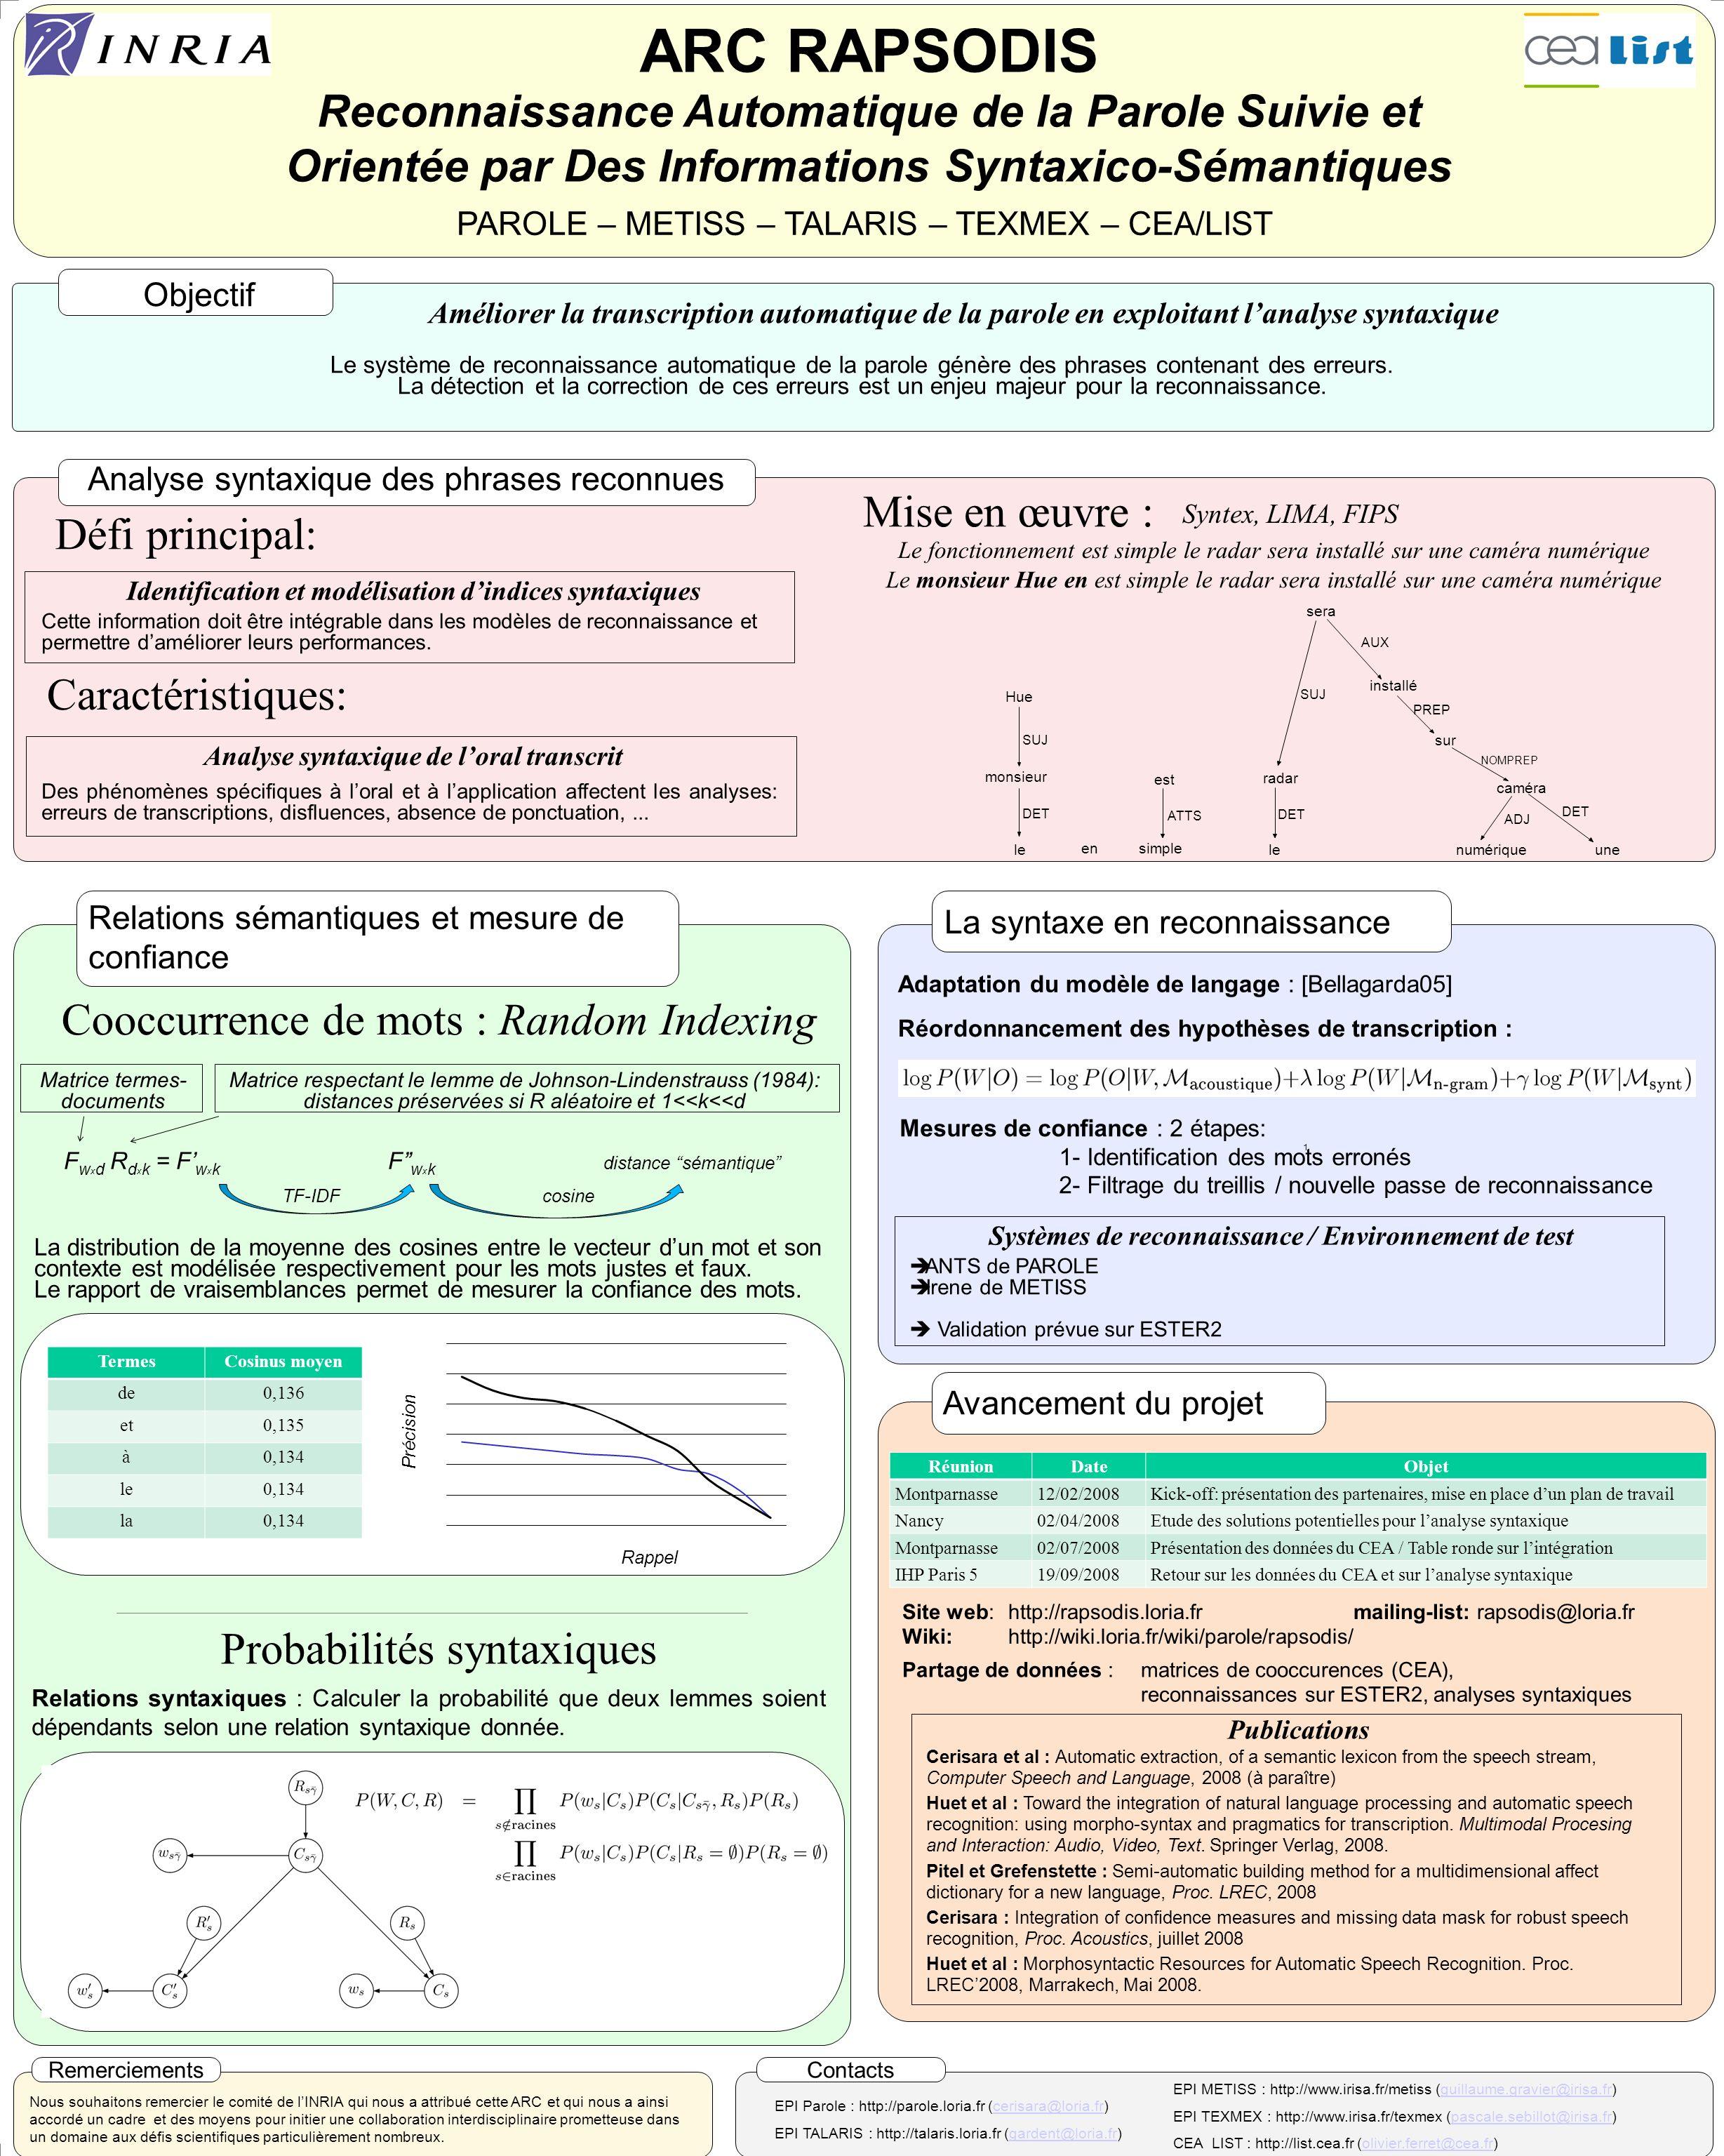 ARC RAPSODIS Reconnaissance Automatique de la Parole Suivie et Orientée par Des Informations Syntaxico-Sémantiques PAROLE – METISS – TALARIS – TEXMEX